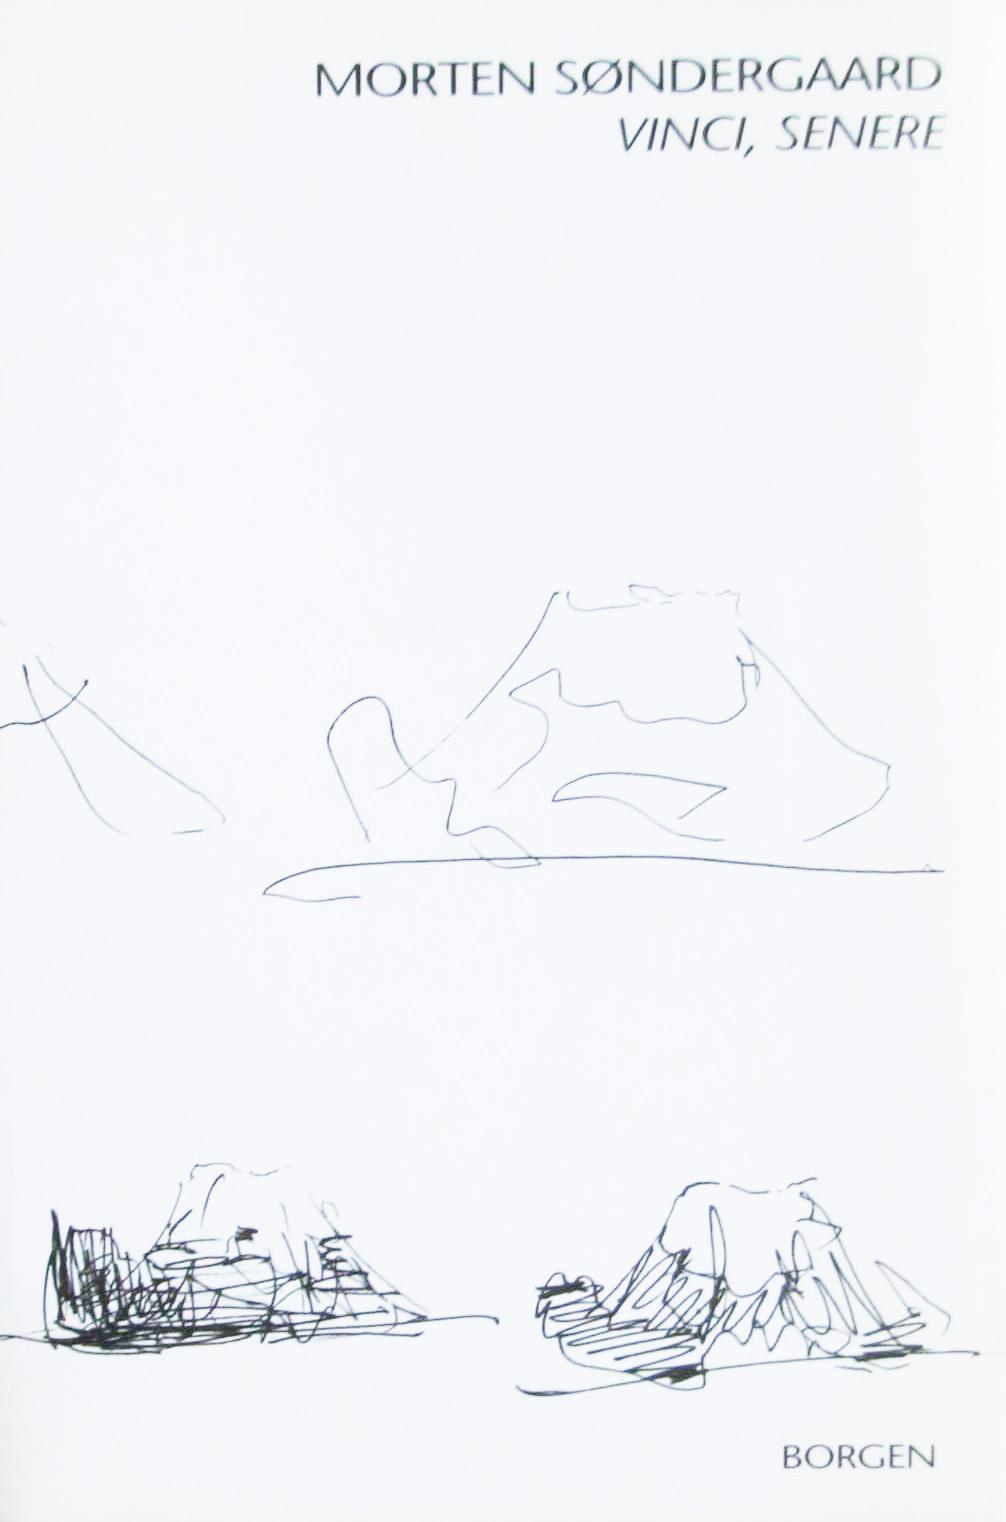 morten søndergaard vinci, senere digte første udgave